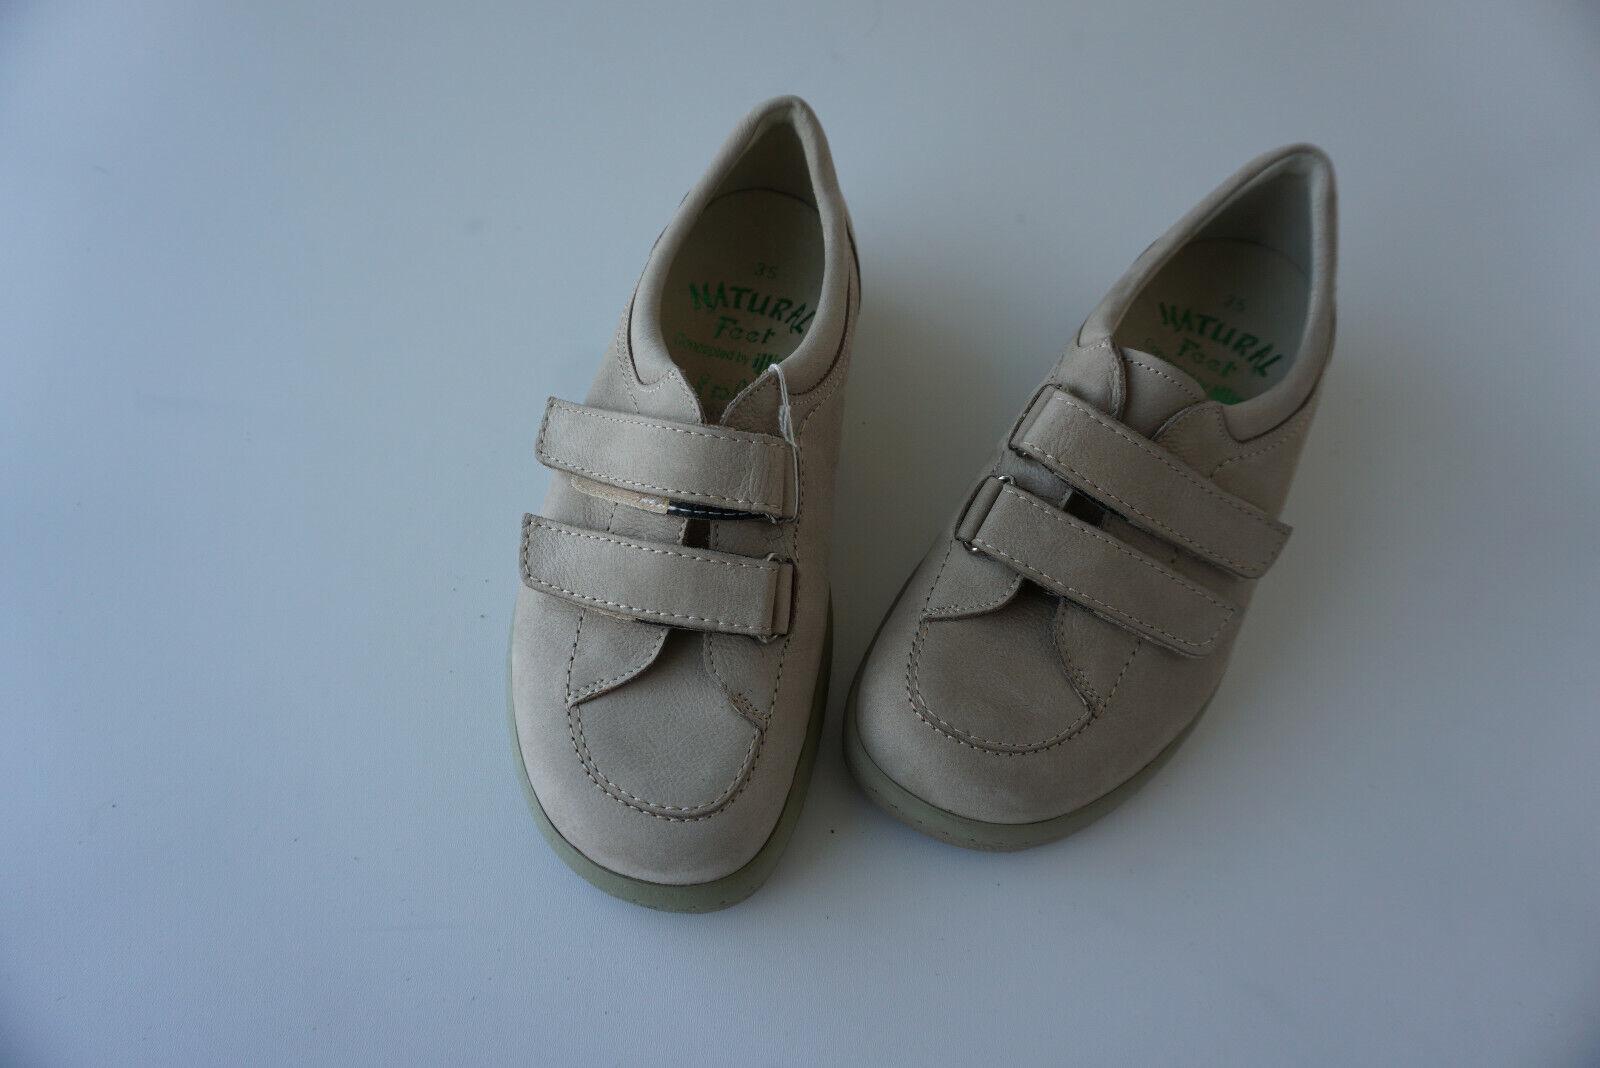 Orthopädische Natural Feet Damen Sommer Klett Schuhe Gr.35 Beige Leder NEU